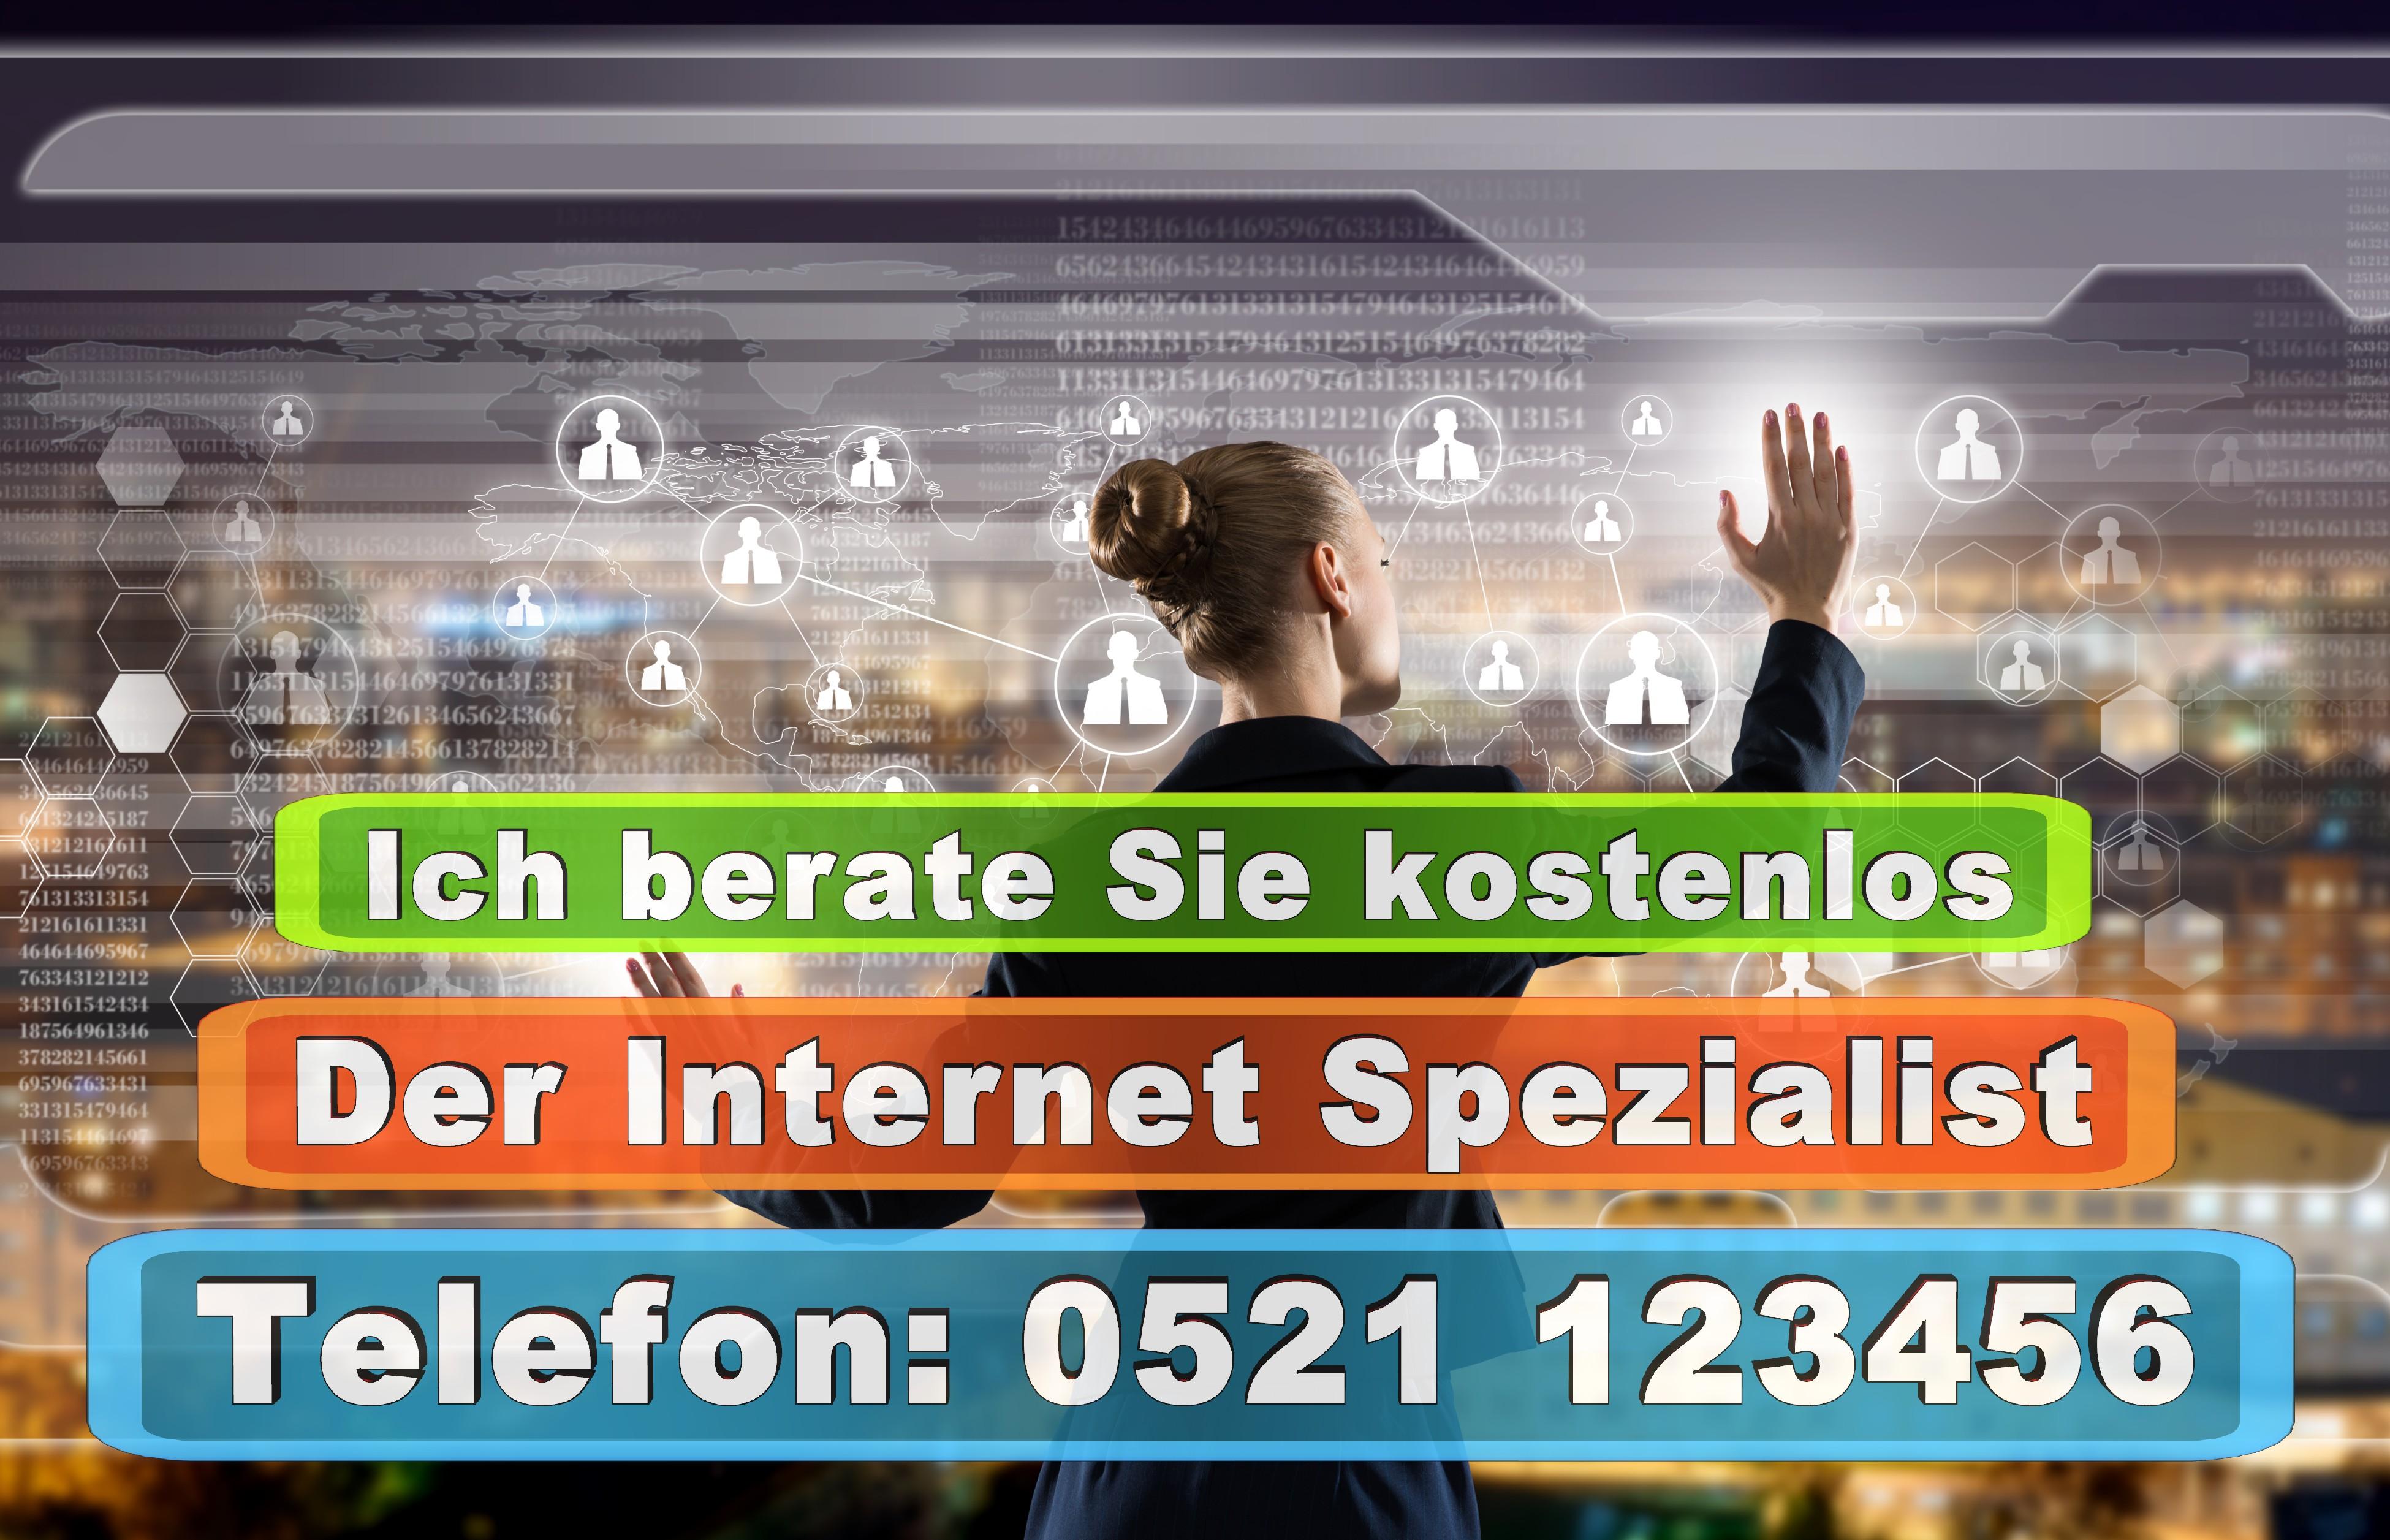 Bielefeld Werbeagenturen Druckereien Werbeplakate Print Druck Internet Computer Grafiker Designer Mode Geschäfte Bekleidung (10)